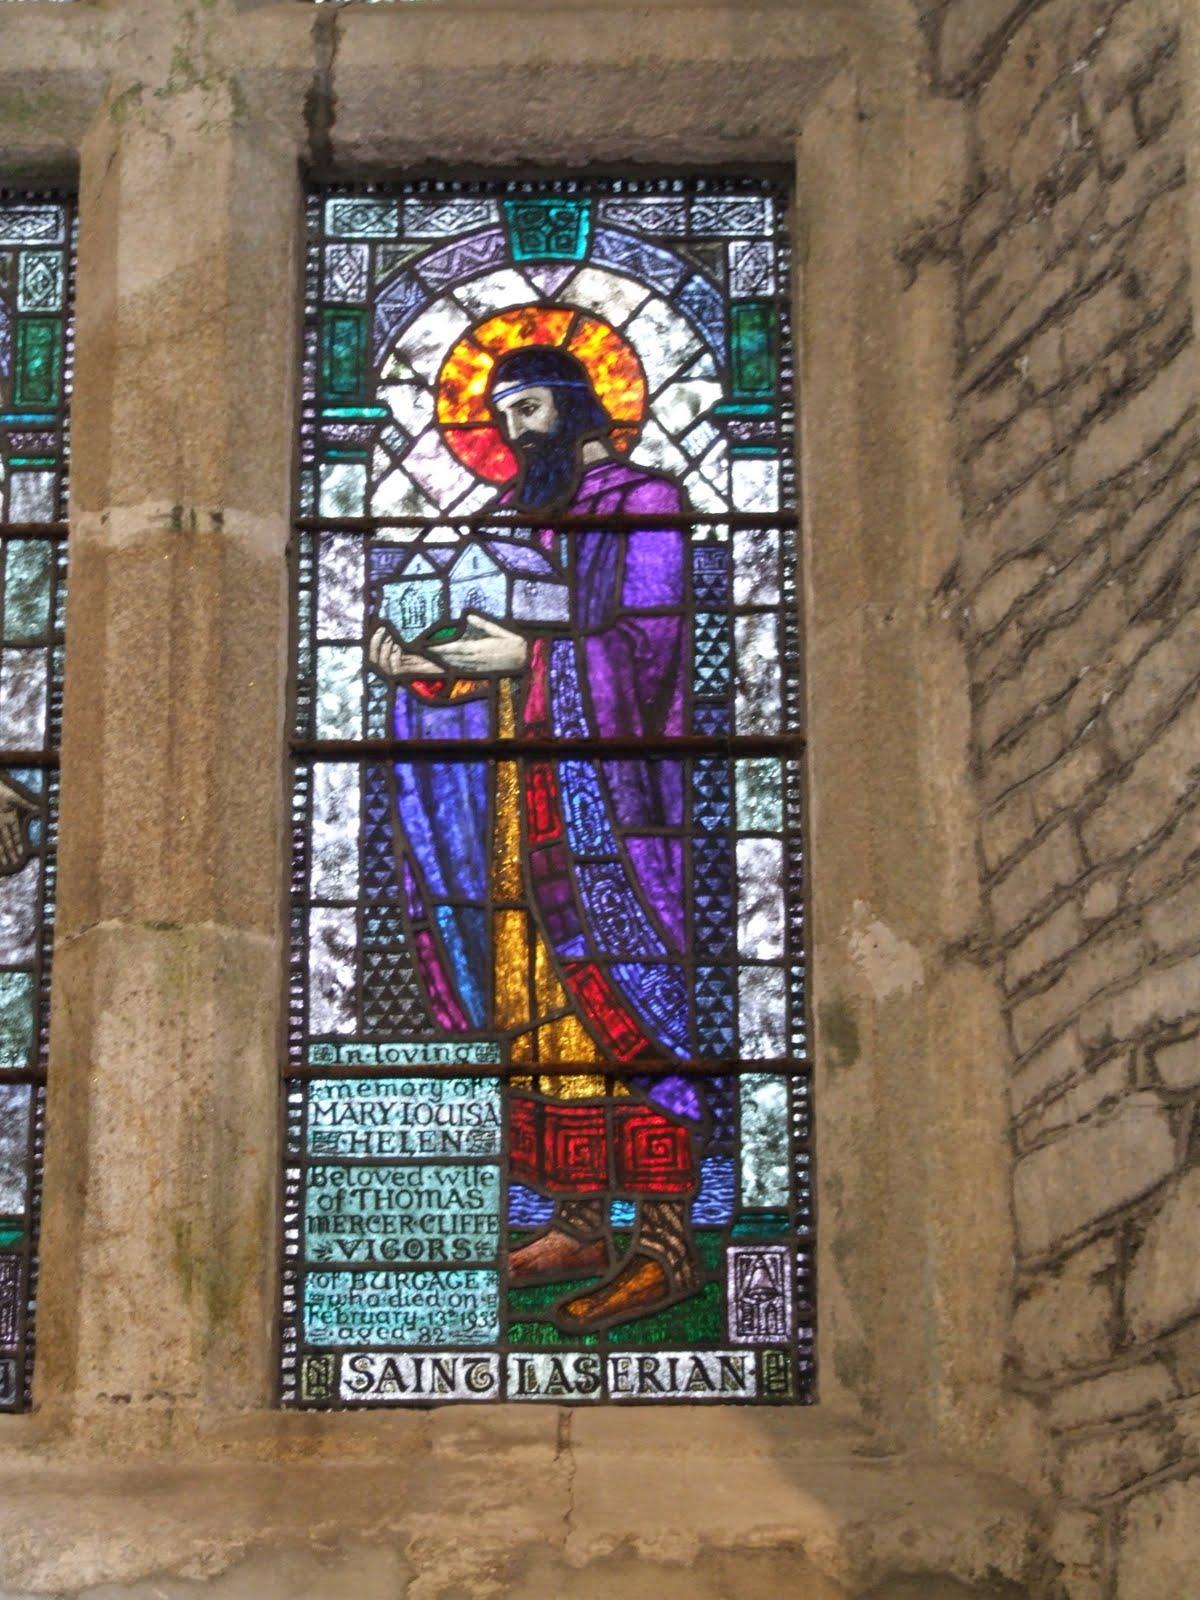 Den hellige Laserian av Leighlin, glassmaleri i St Laserian's Cathedral